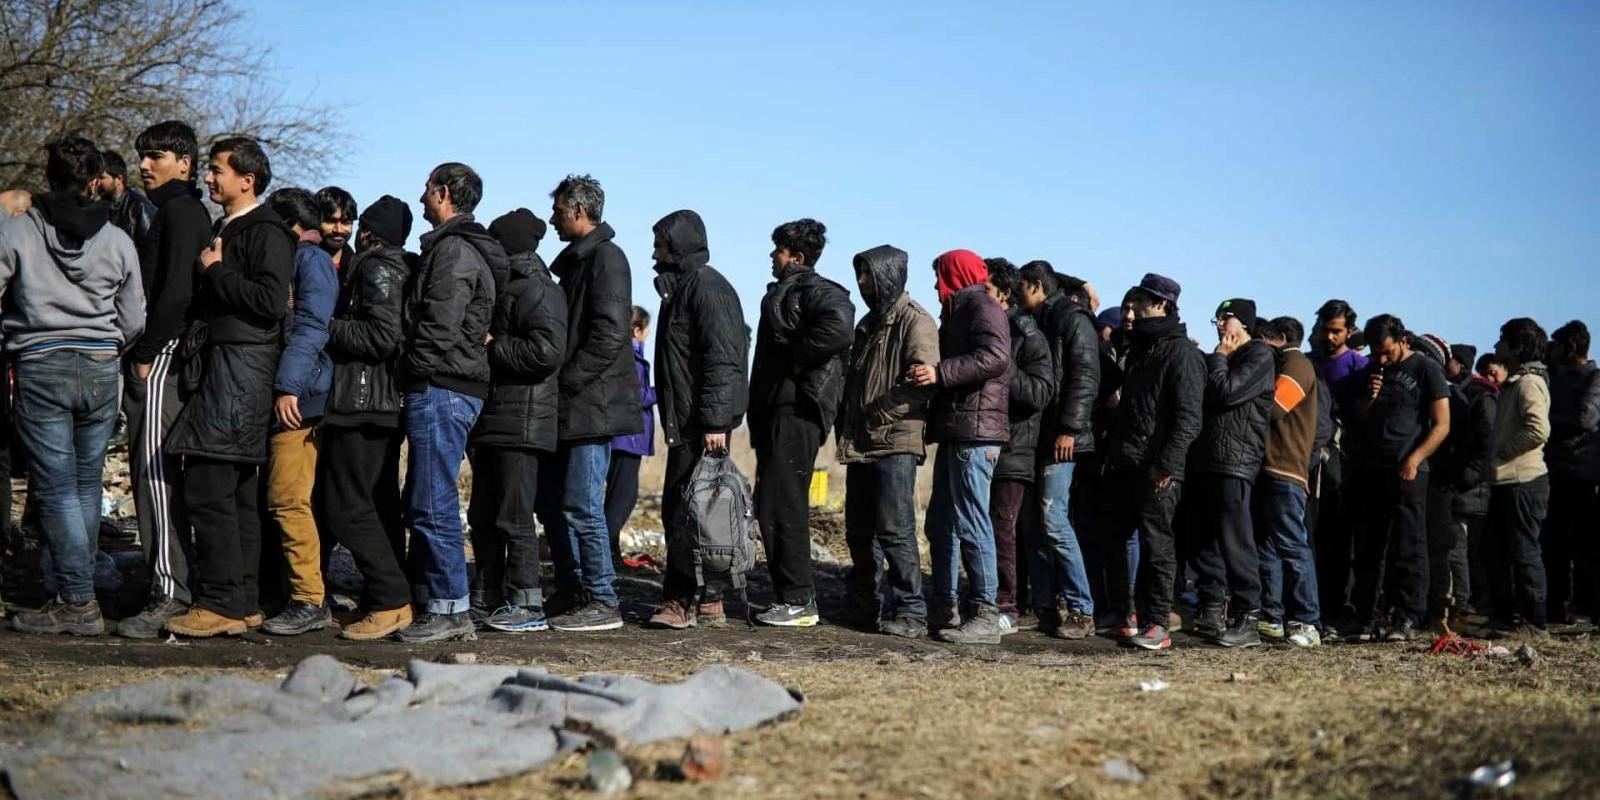 ONU deve discutir medidas mais duras contra leilões de escravos na Líbia